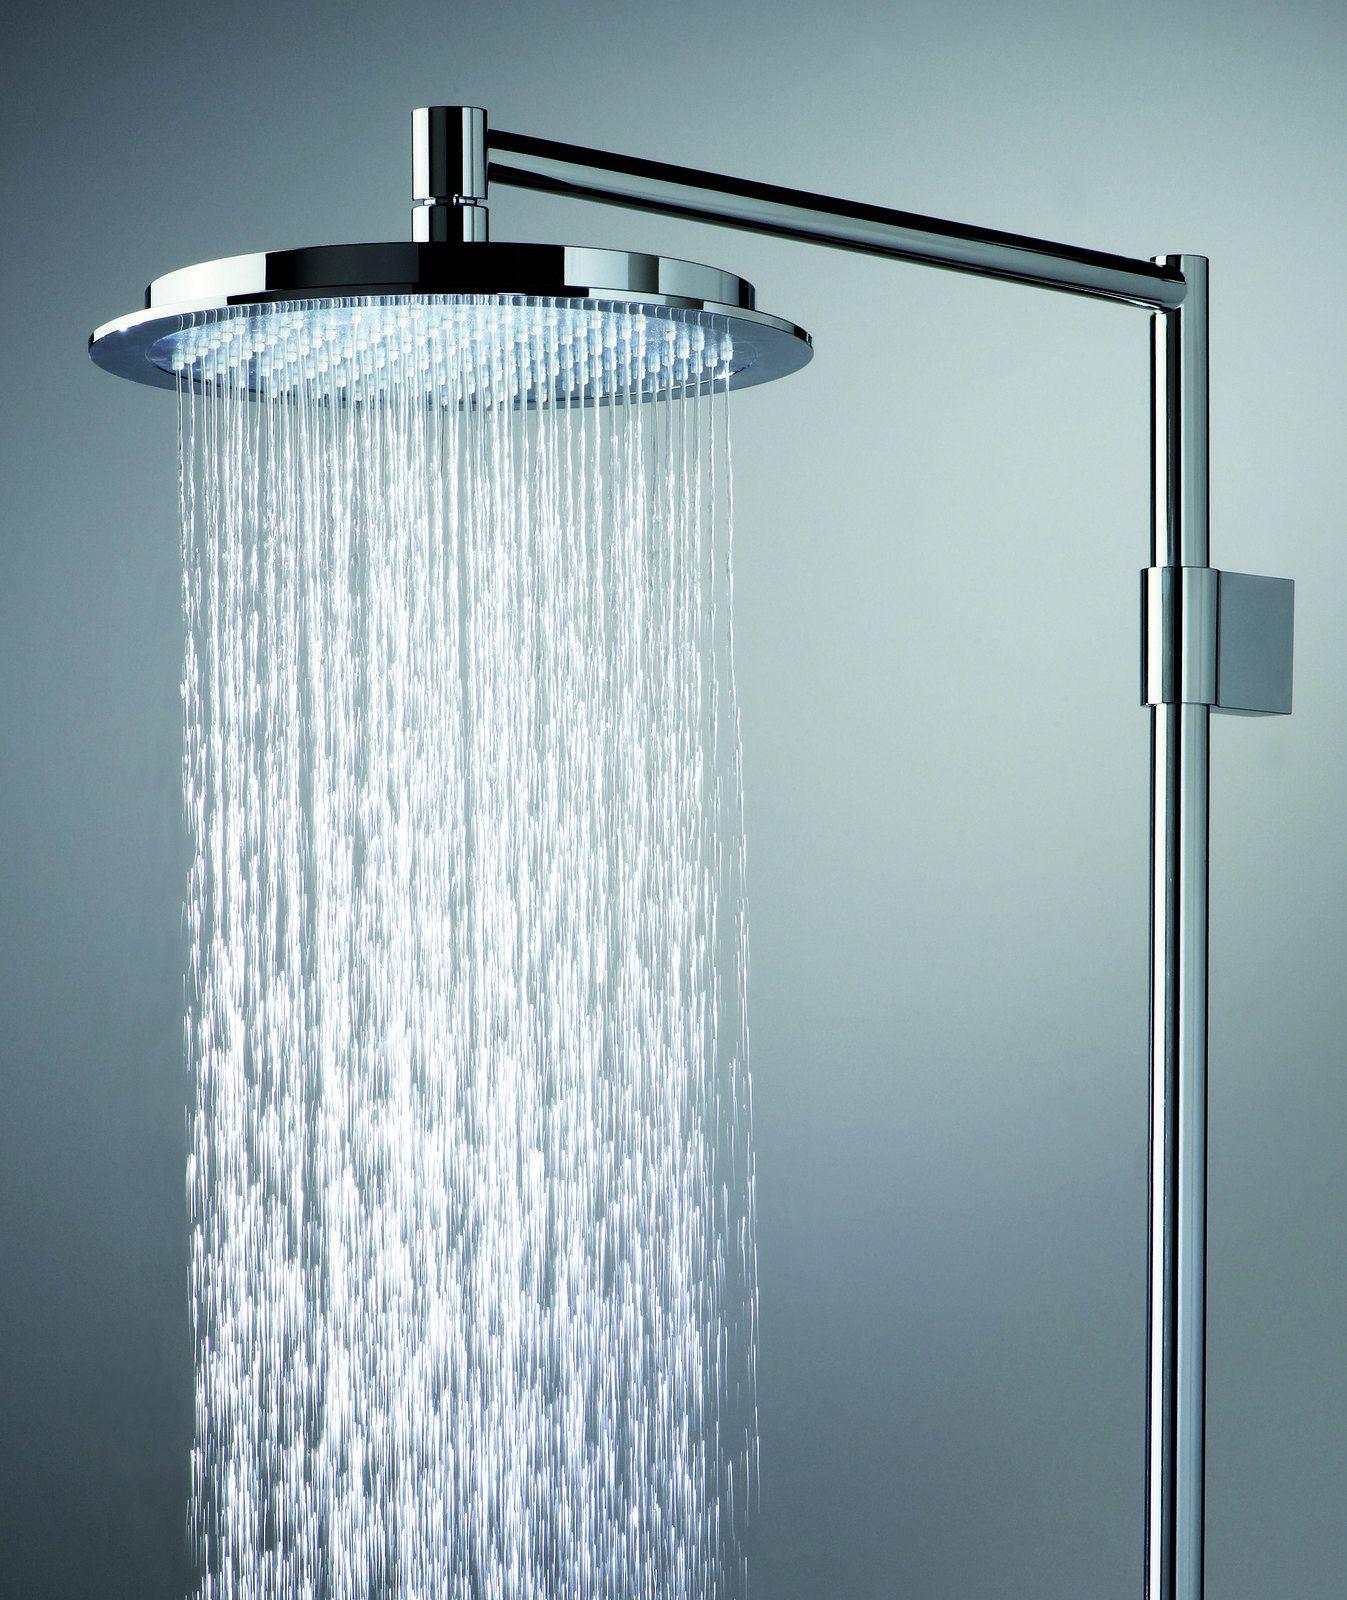 Oras Hydra -yläsuihkusetti käsisuihkulla. Yläsuihkusettiin kuuluvat seuraavat osat: yläsuihku (Ø 238 mm), suihkuputki, vaihdin, käsisuihku, käsisuihkun pidike, suihkuletku ja saippuateline. Käsisuihkussa on kaksi toimintoa:  normaali suihku ja Hydra-toiminto eli virkistävä, voimakas suihku.